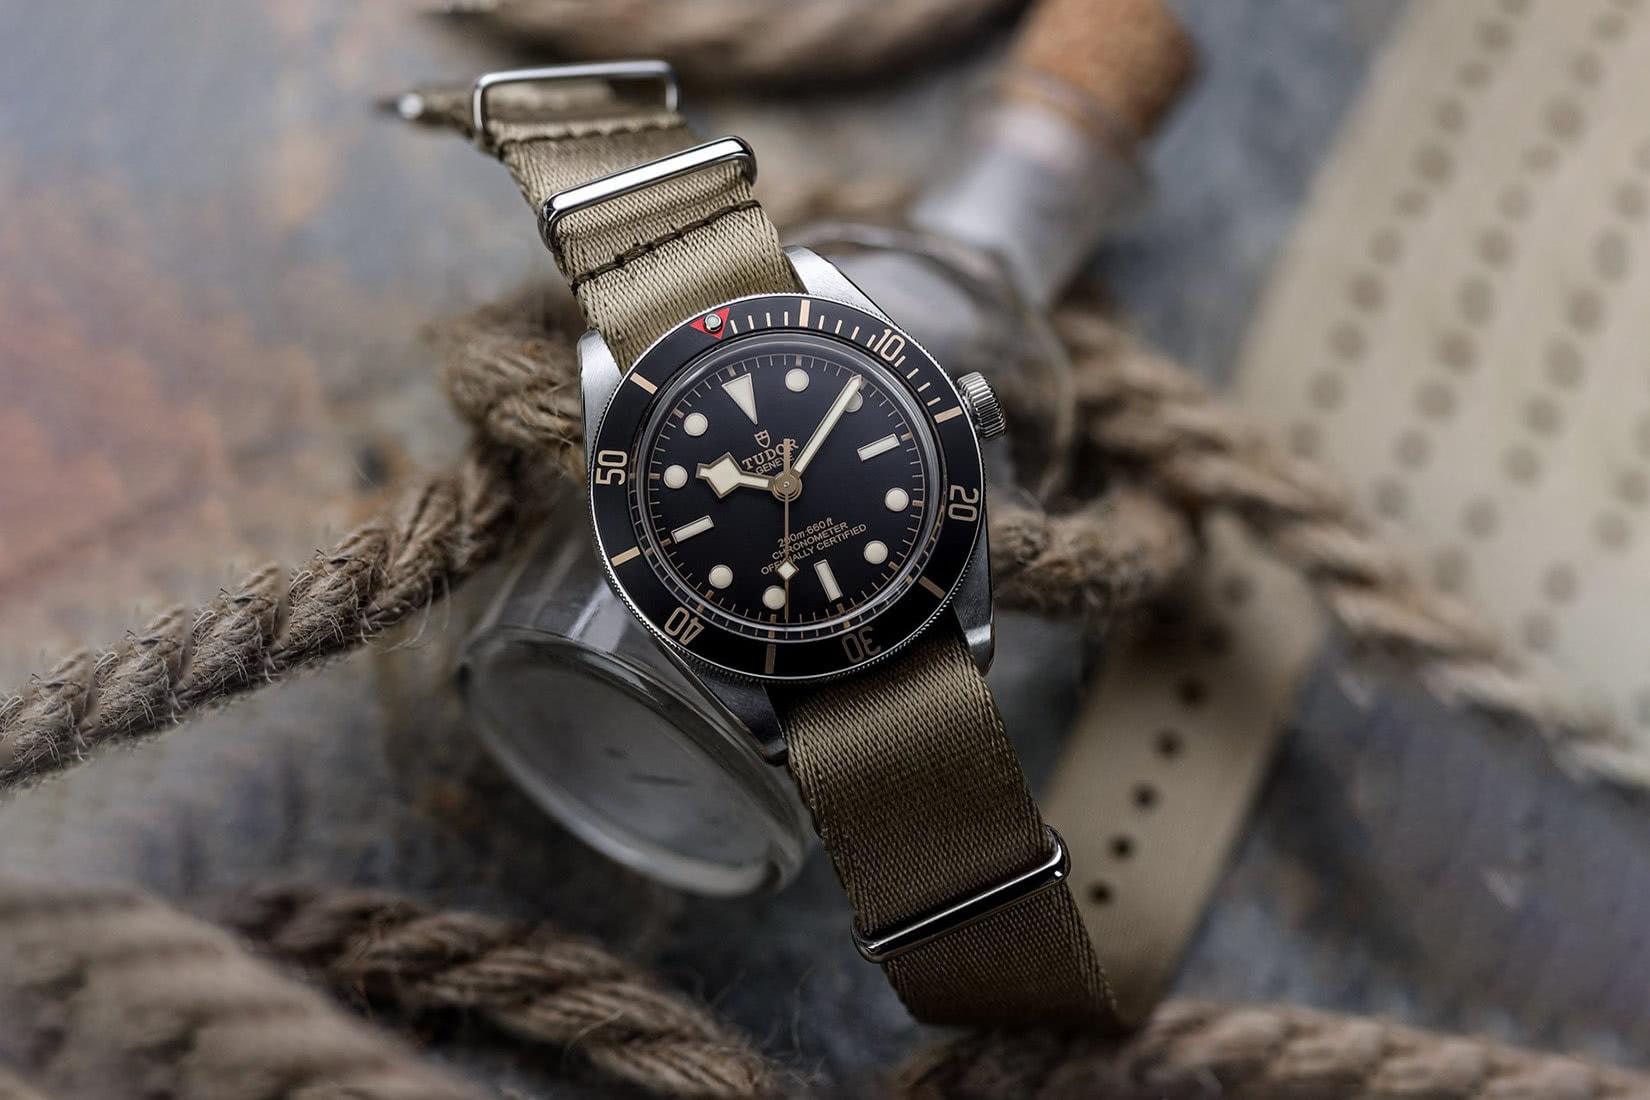 watch straps bracelets nato - Luxe Digital